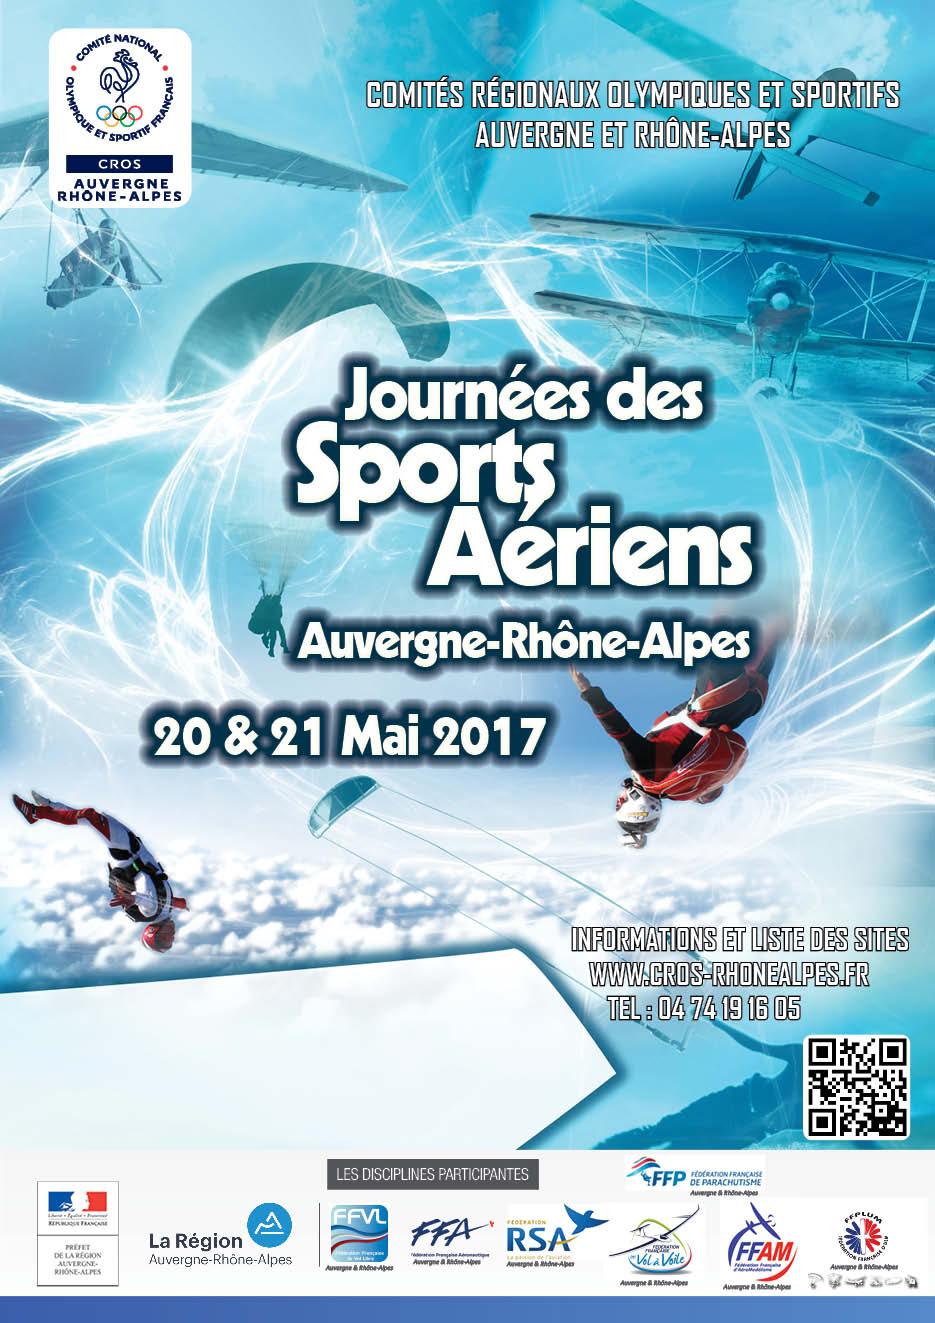 Journée des sports aériens 20 & 21 mai 2017